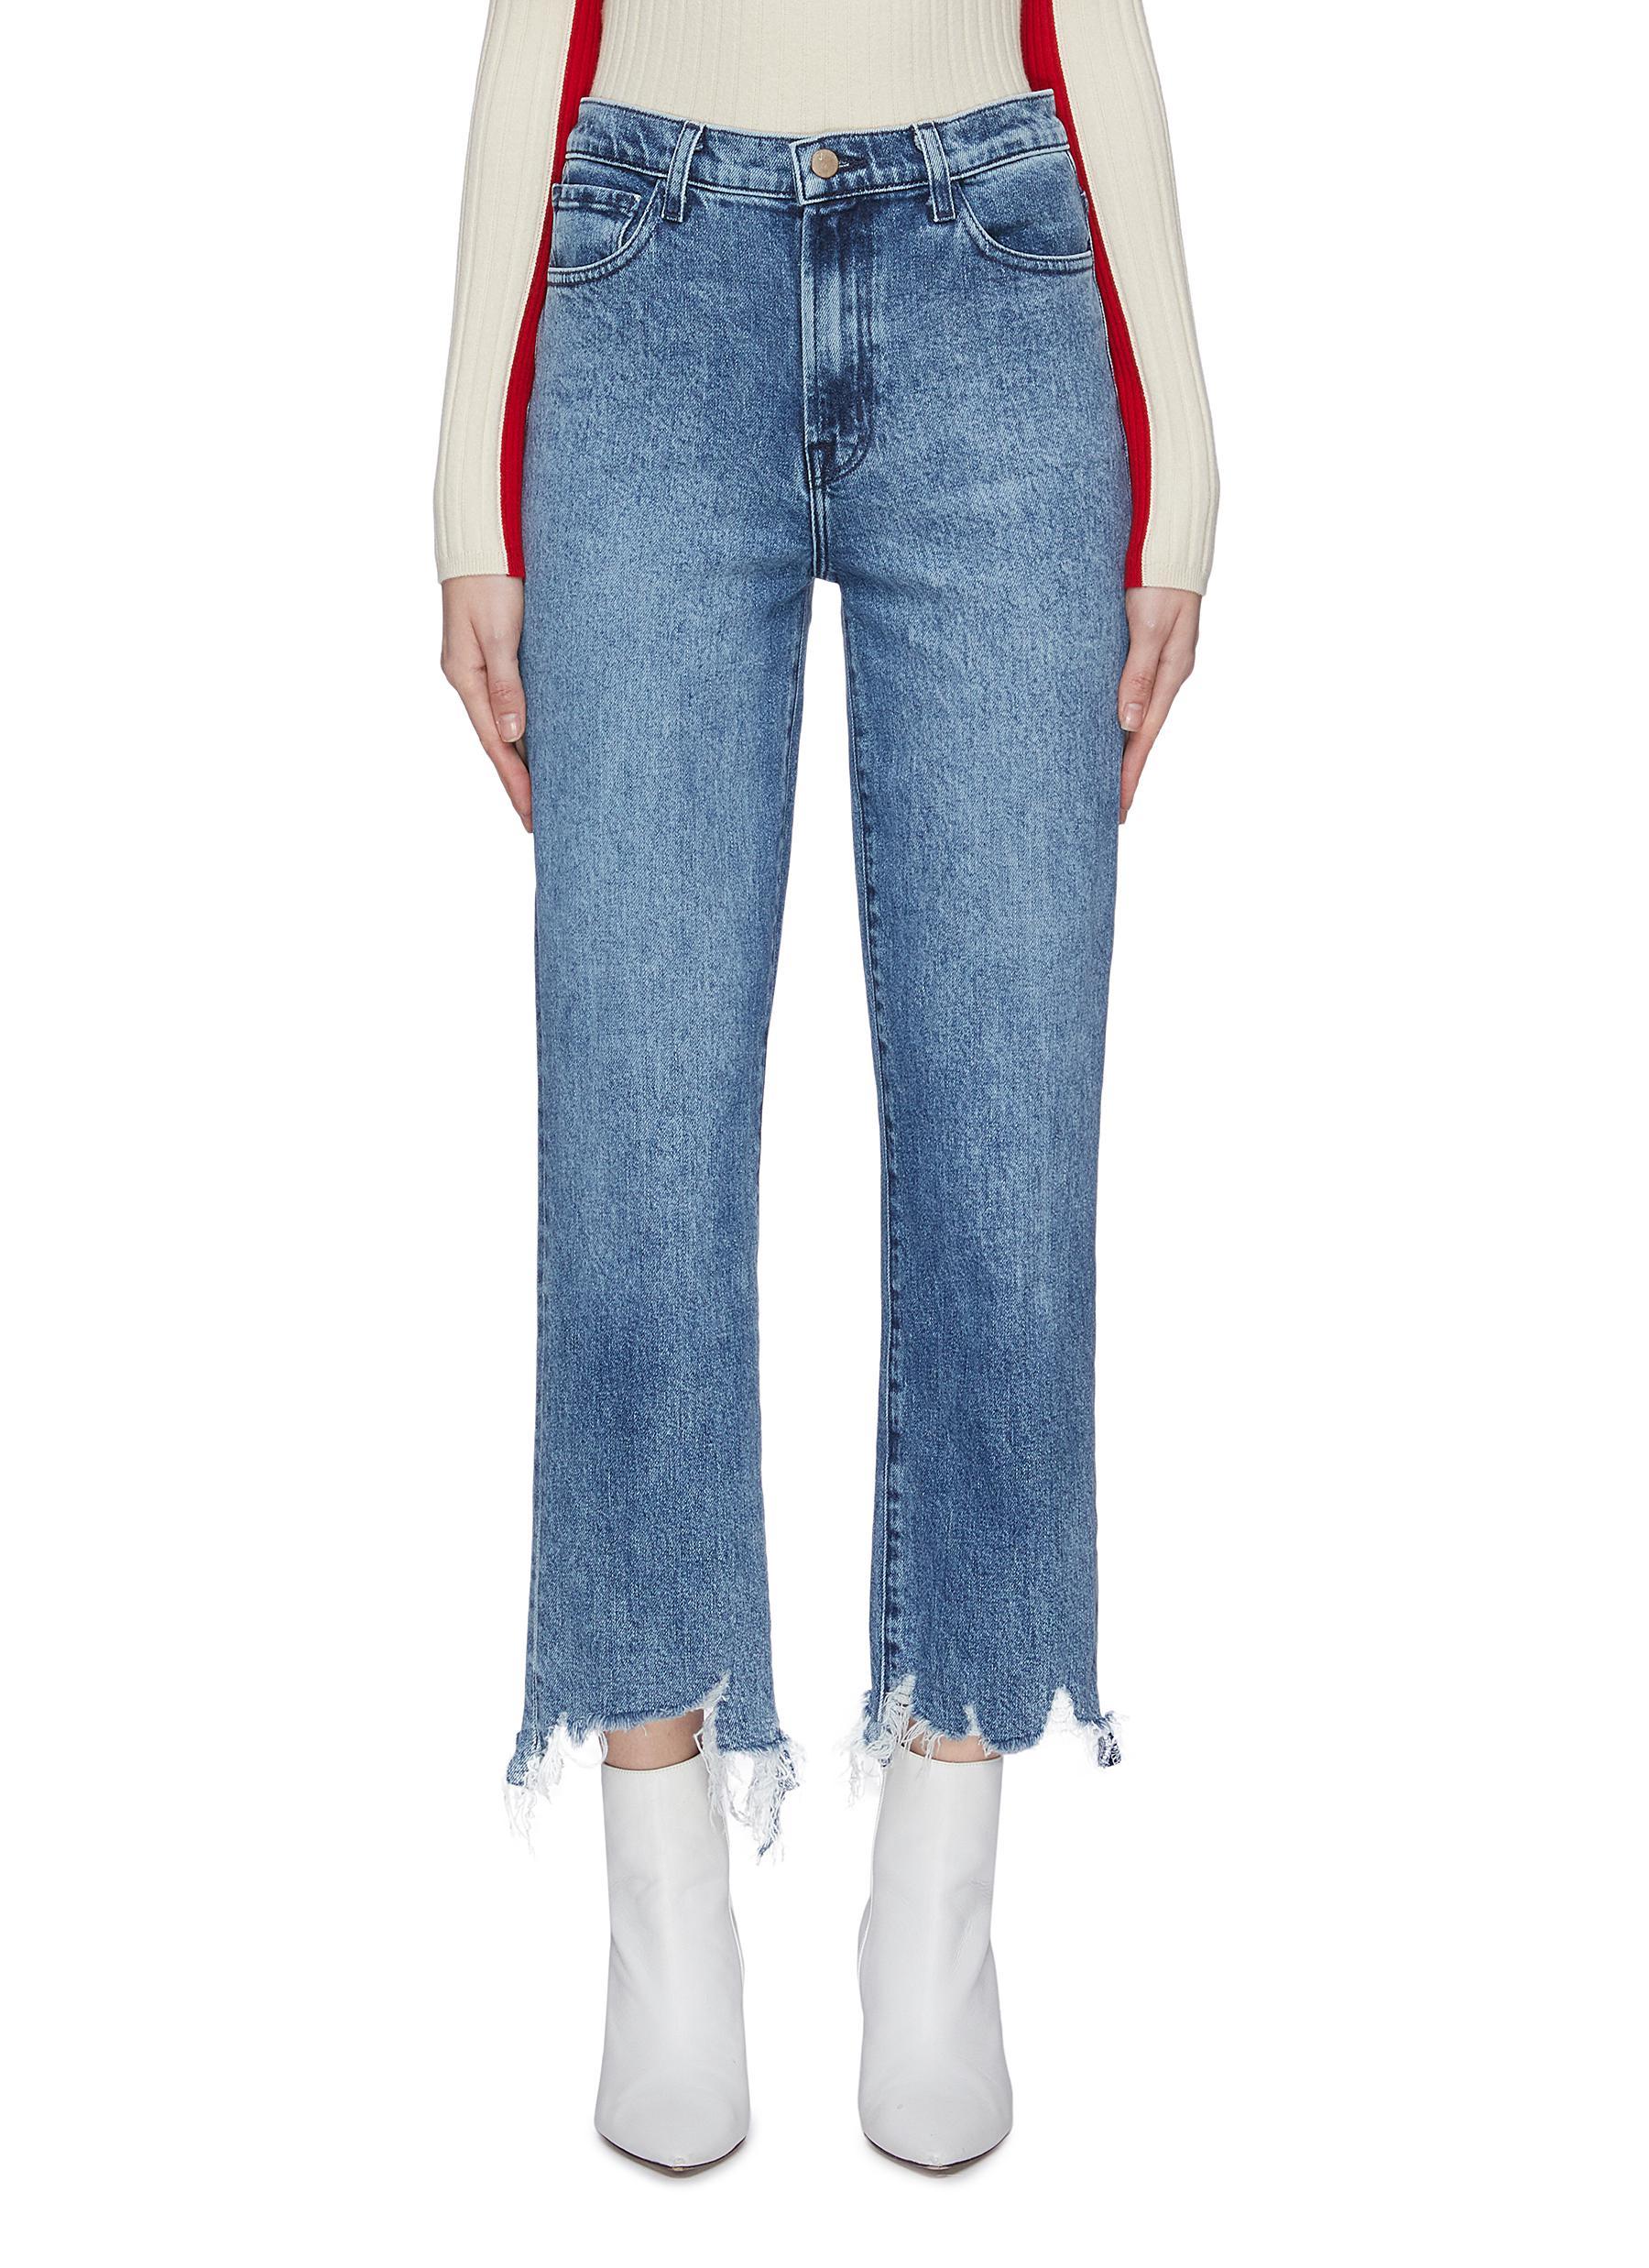 Buy J Brand Jeans 'Jules' acid wash frayed hem jeans